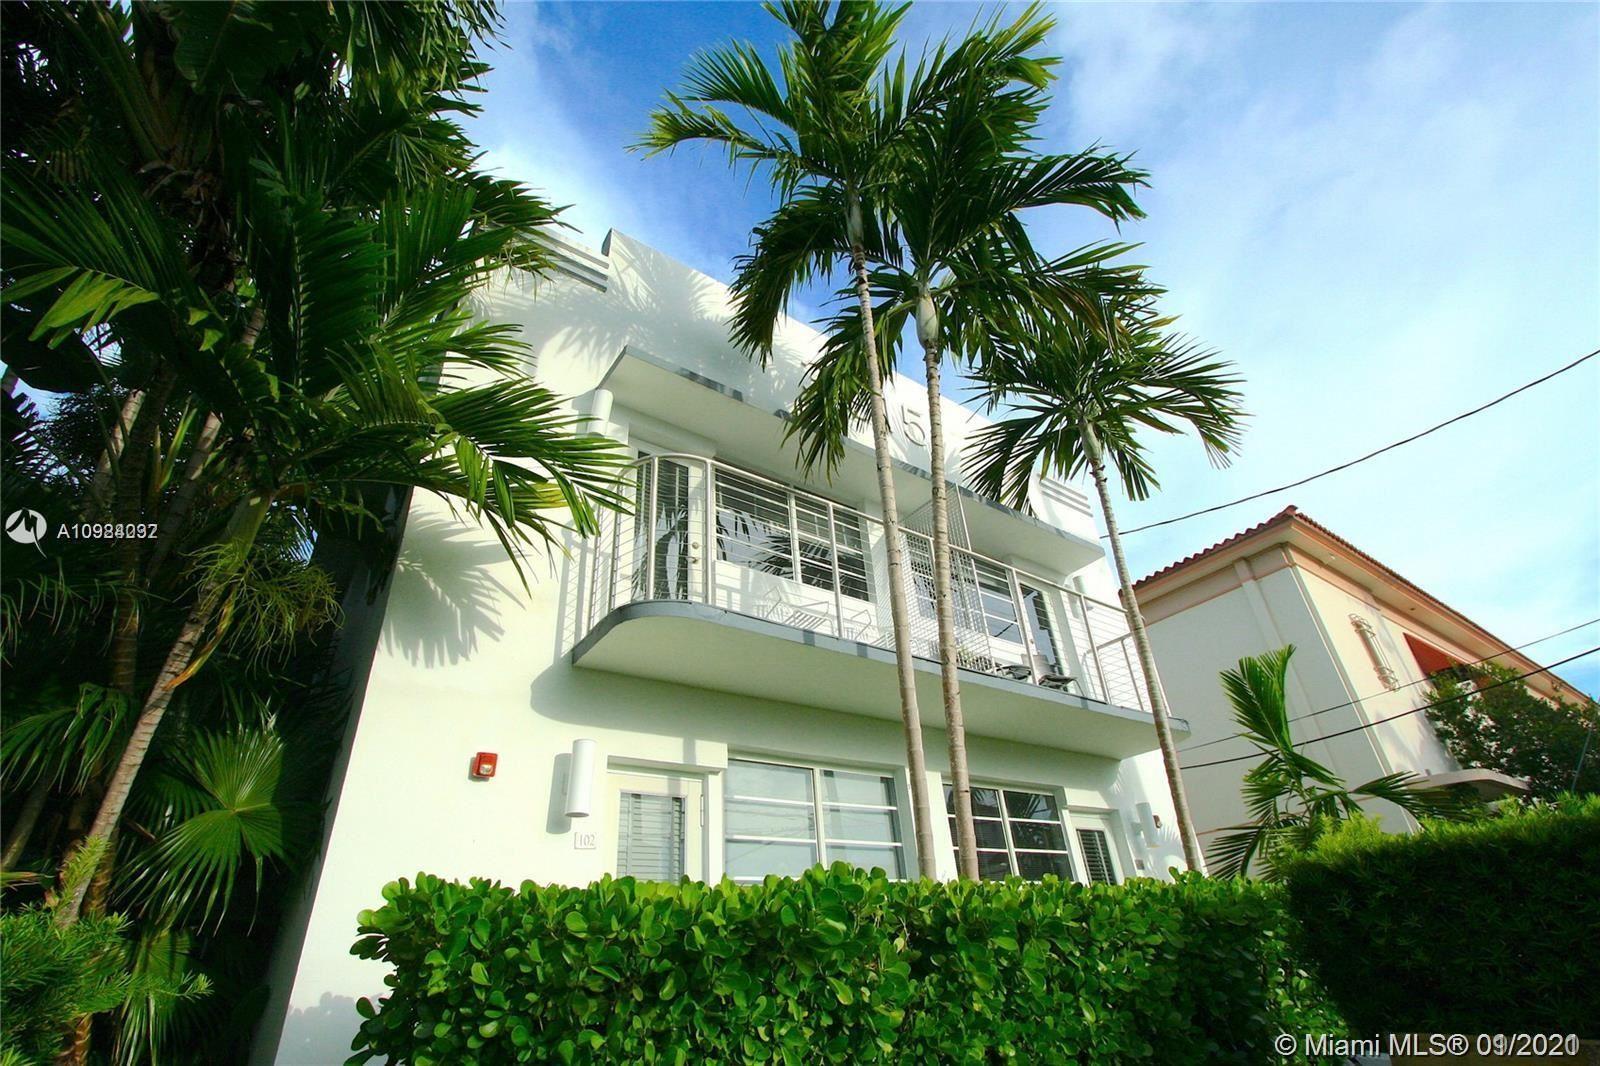 3915 N Meridian Ave #202, Miami Beach, FL 33140 - #: A10984032